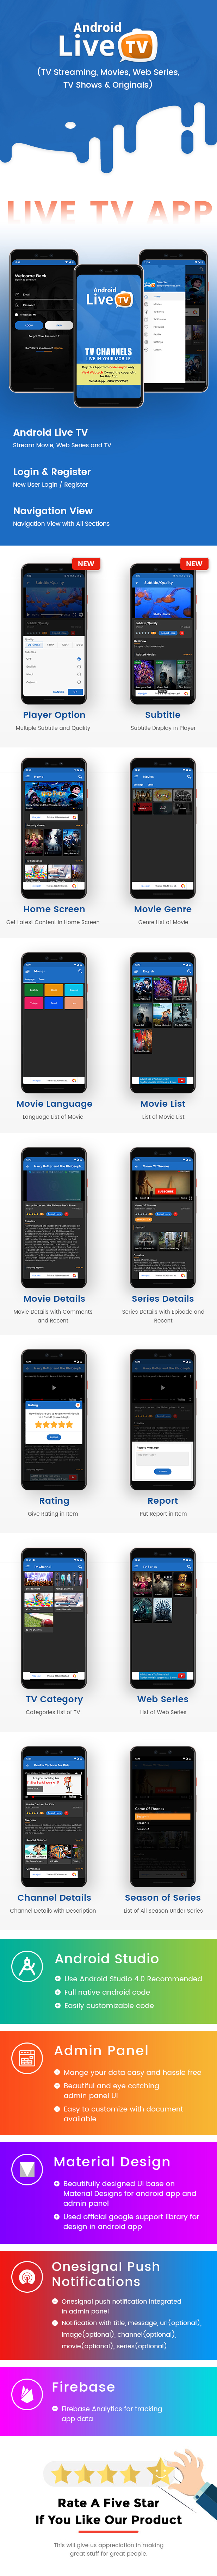 Android TV ao vivo (streaming de TV, filmes, séries da Web, programas de TV e originais) - 7